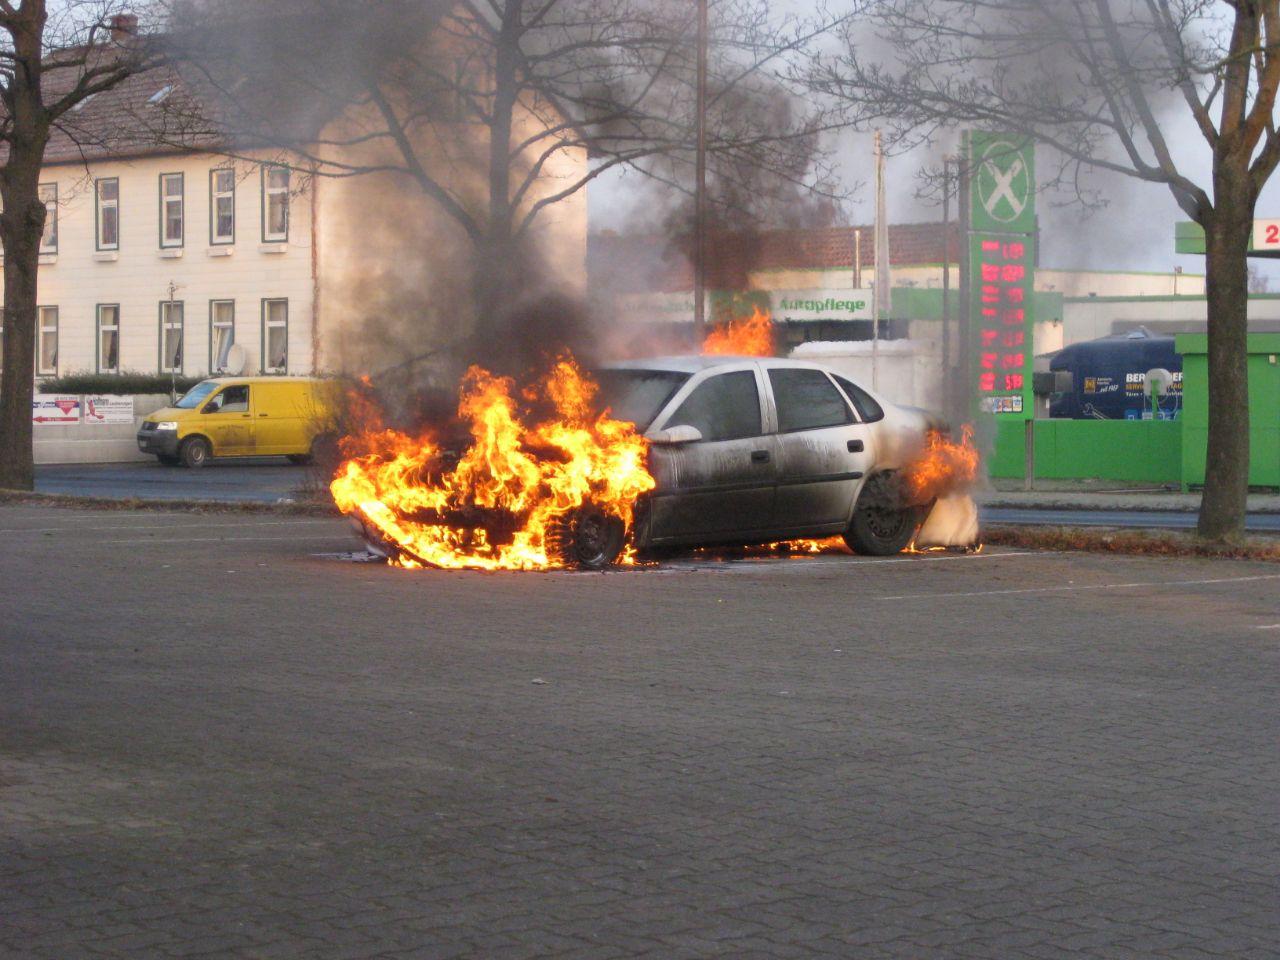 Fahrzeug brennt im Ortsteil Posthof